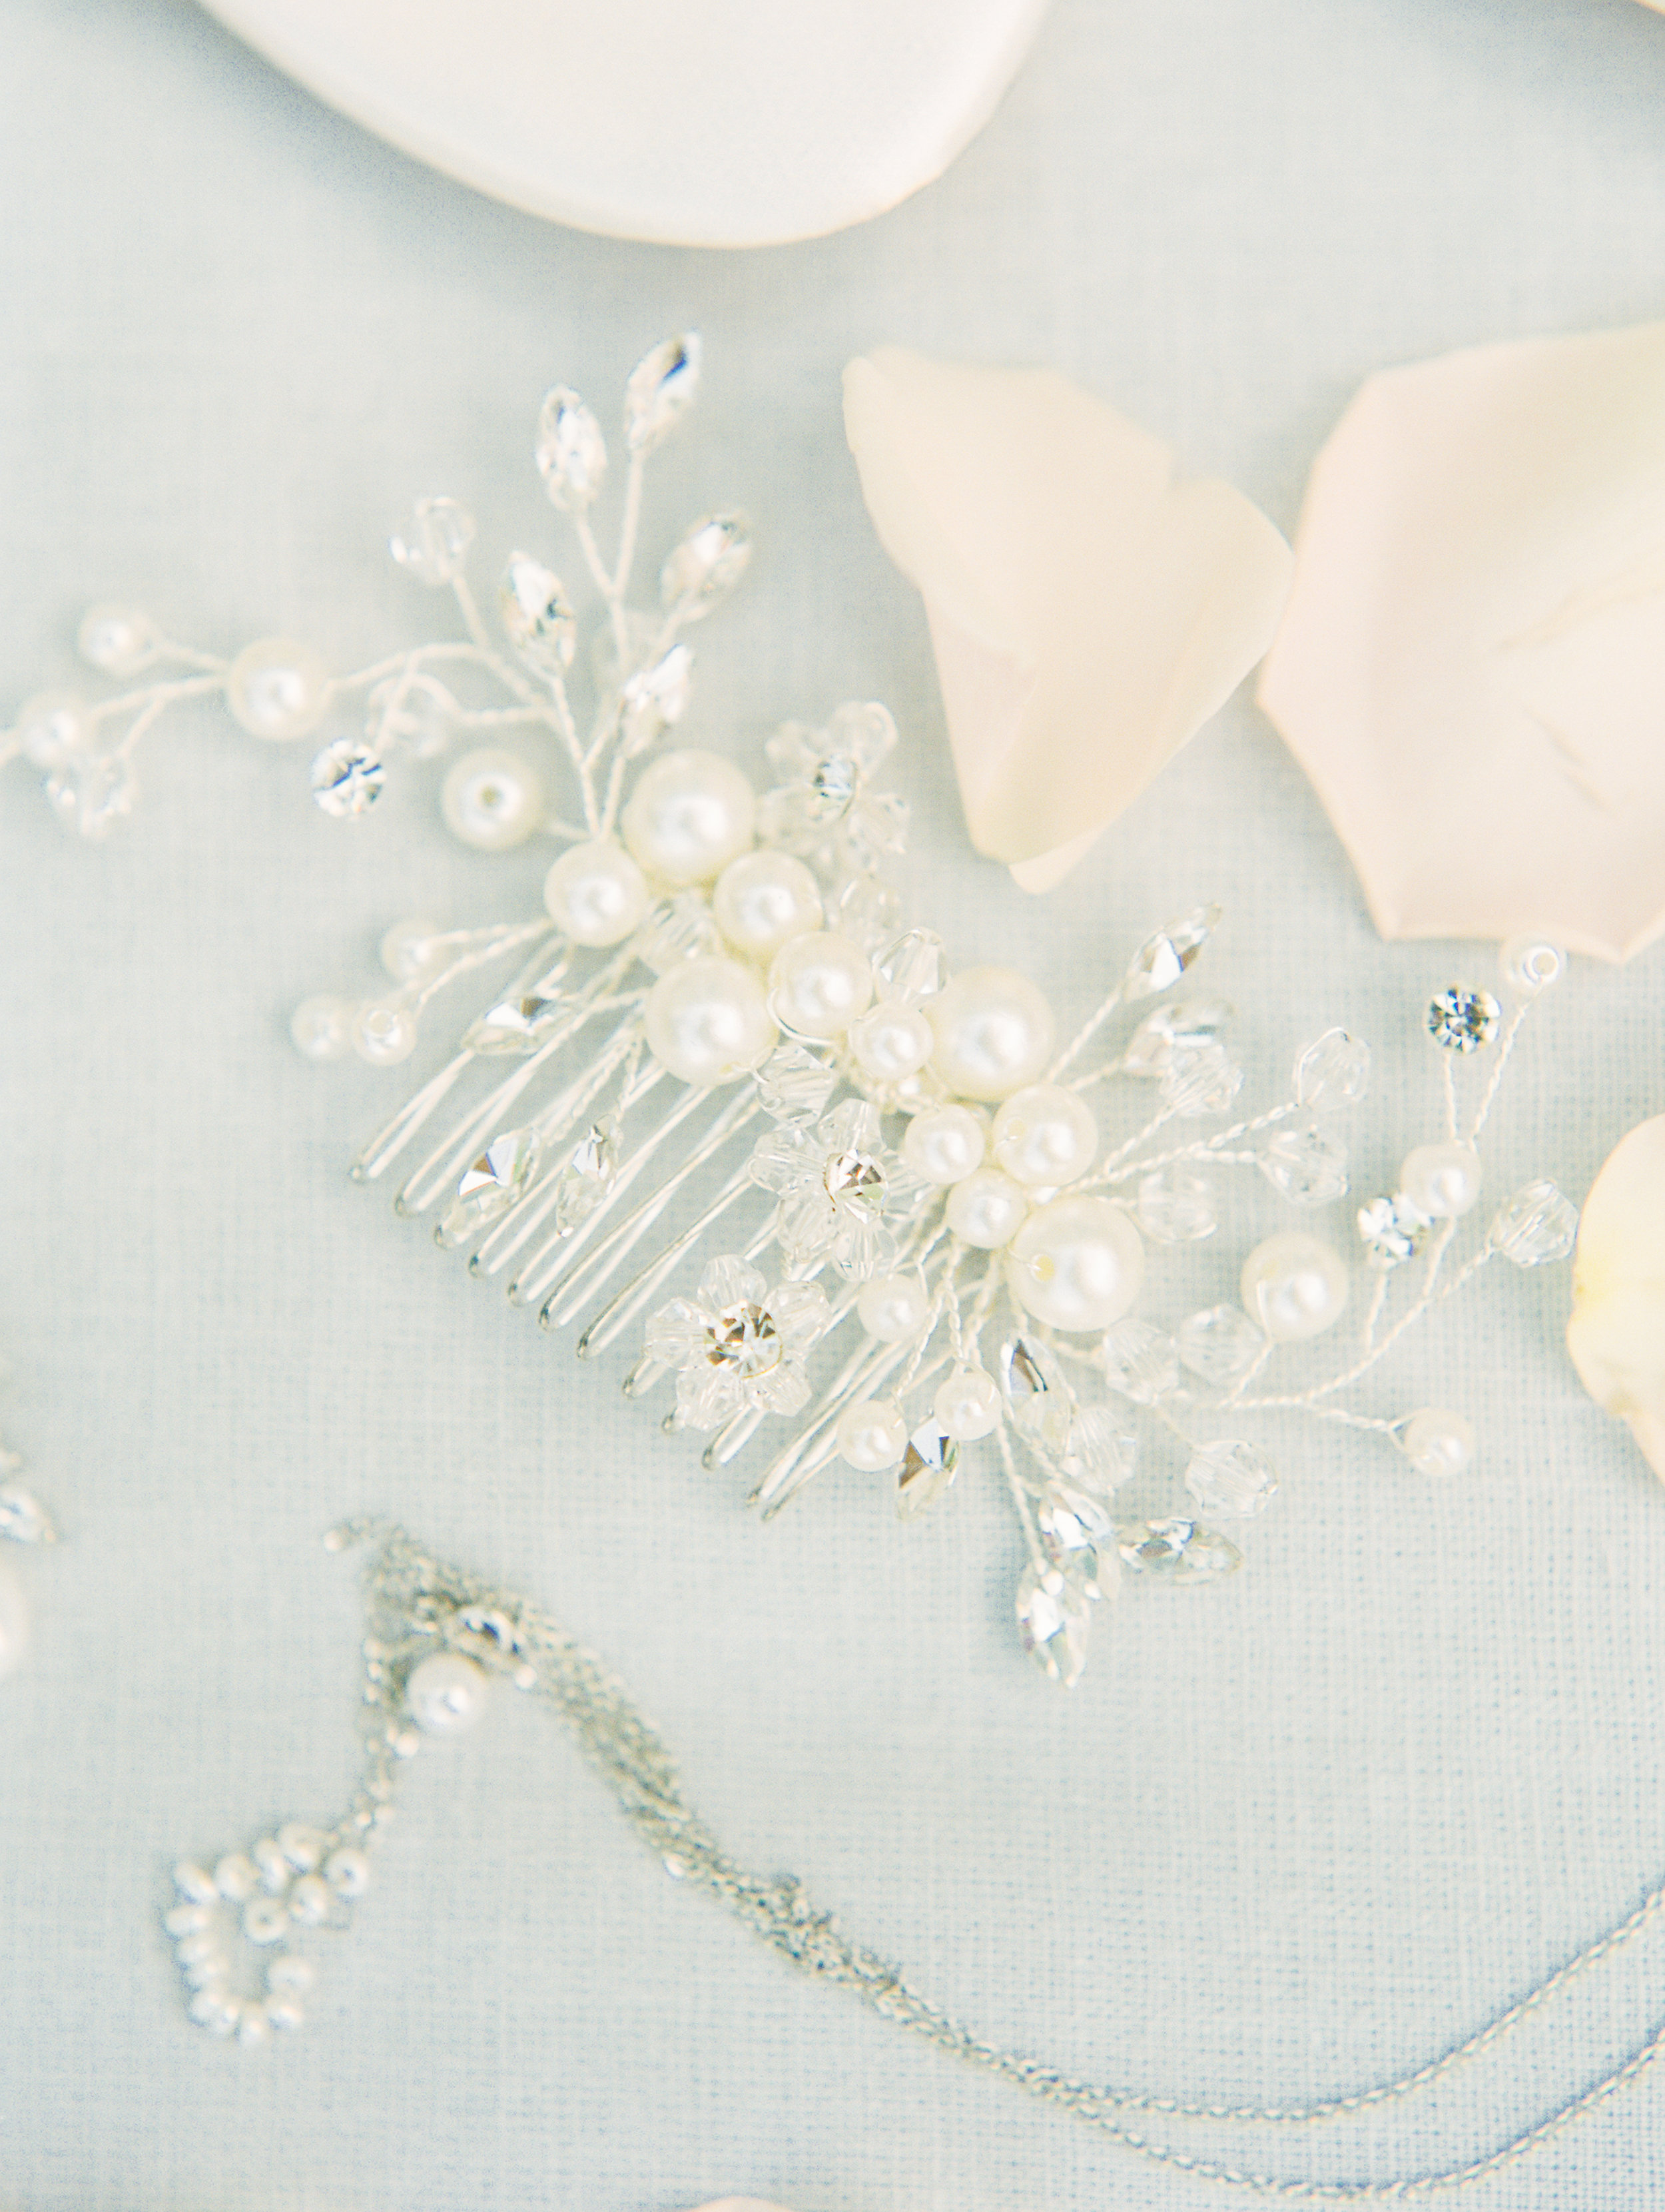 Cupp+Wedding+Detailsf-12.jpg